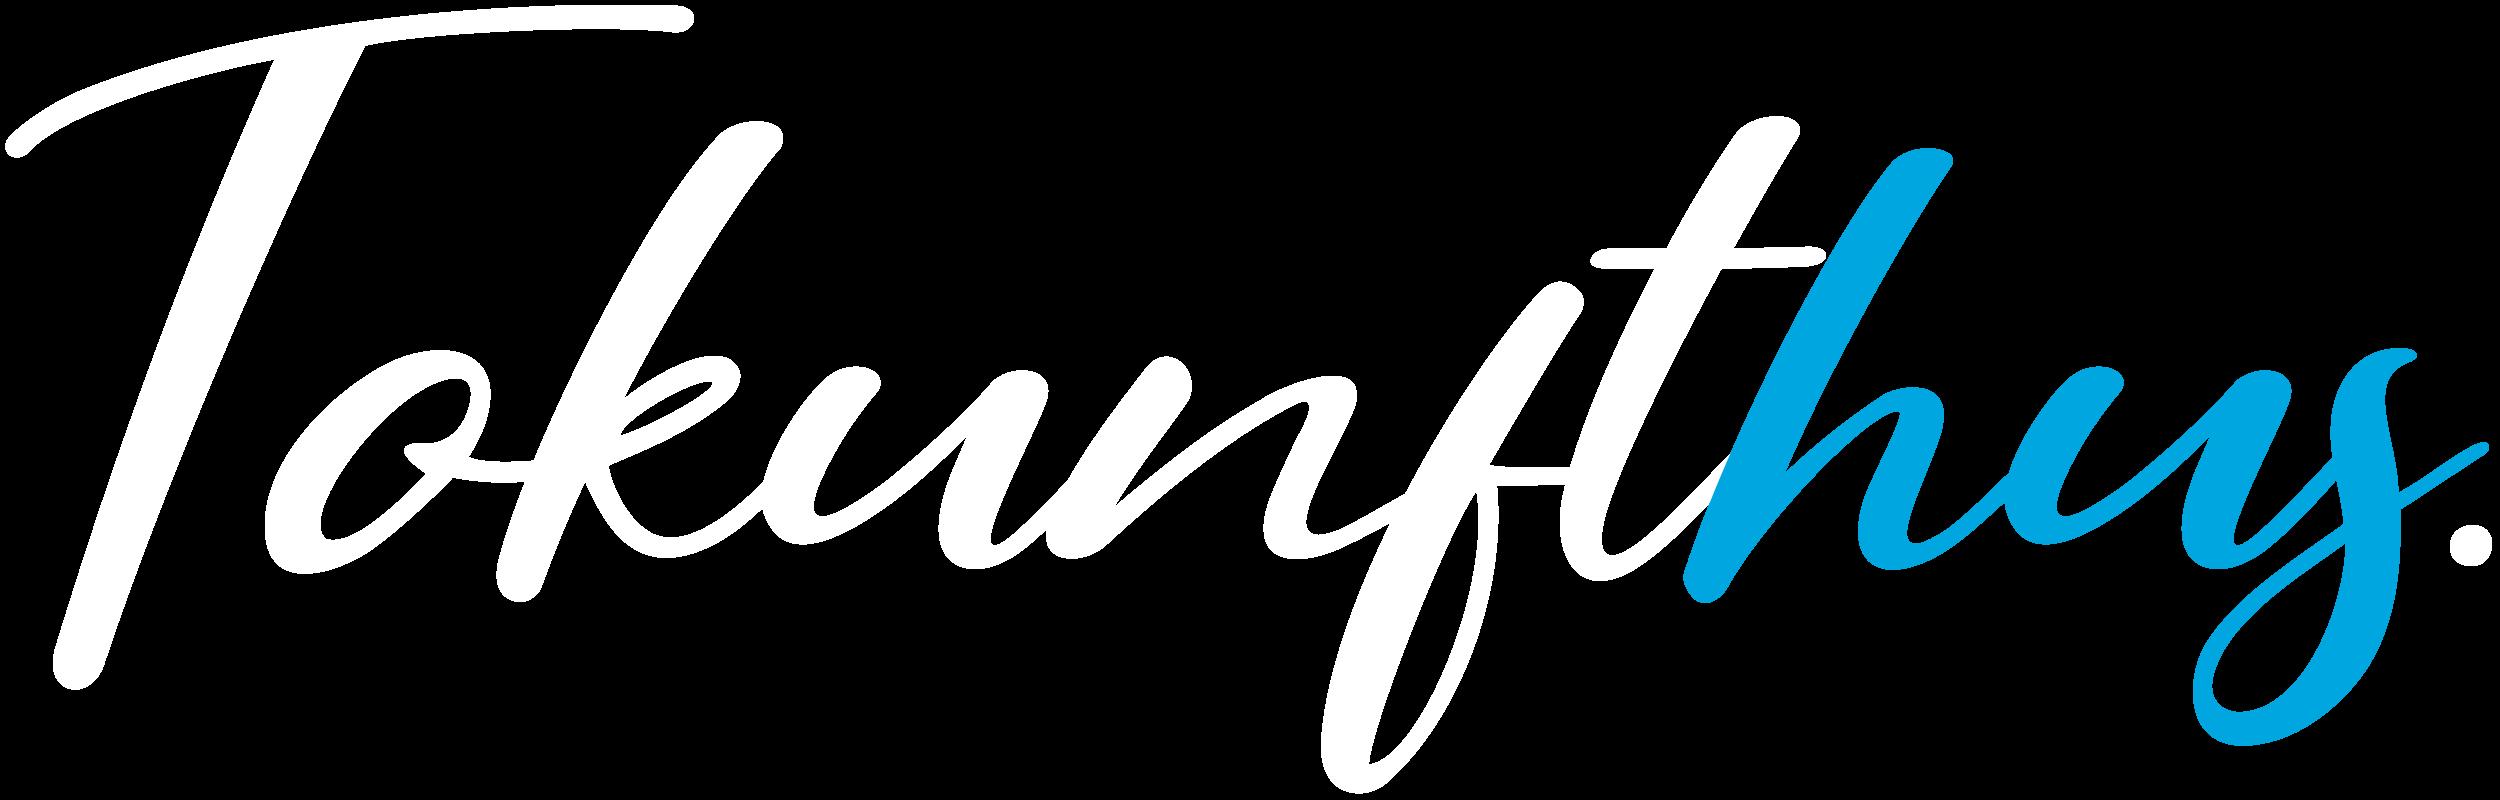 Tokunfthus Logo white